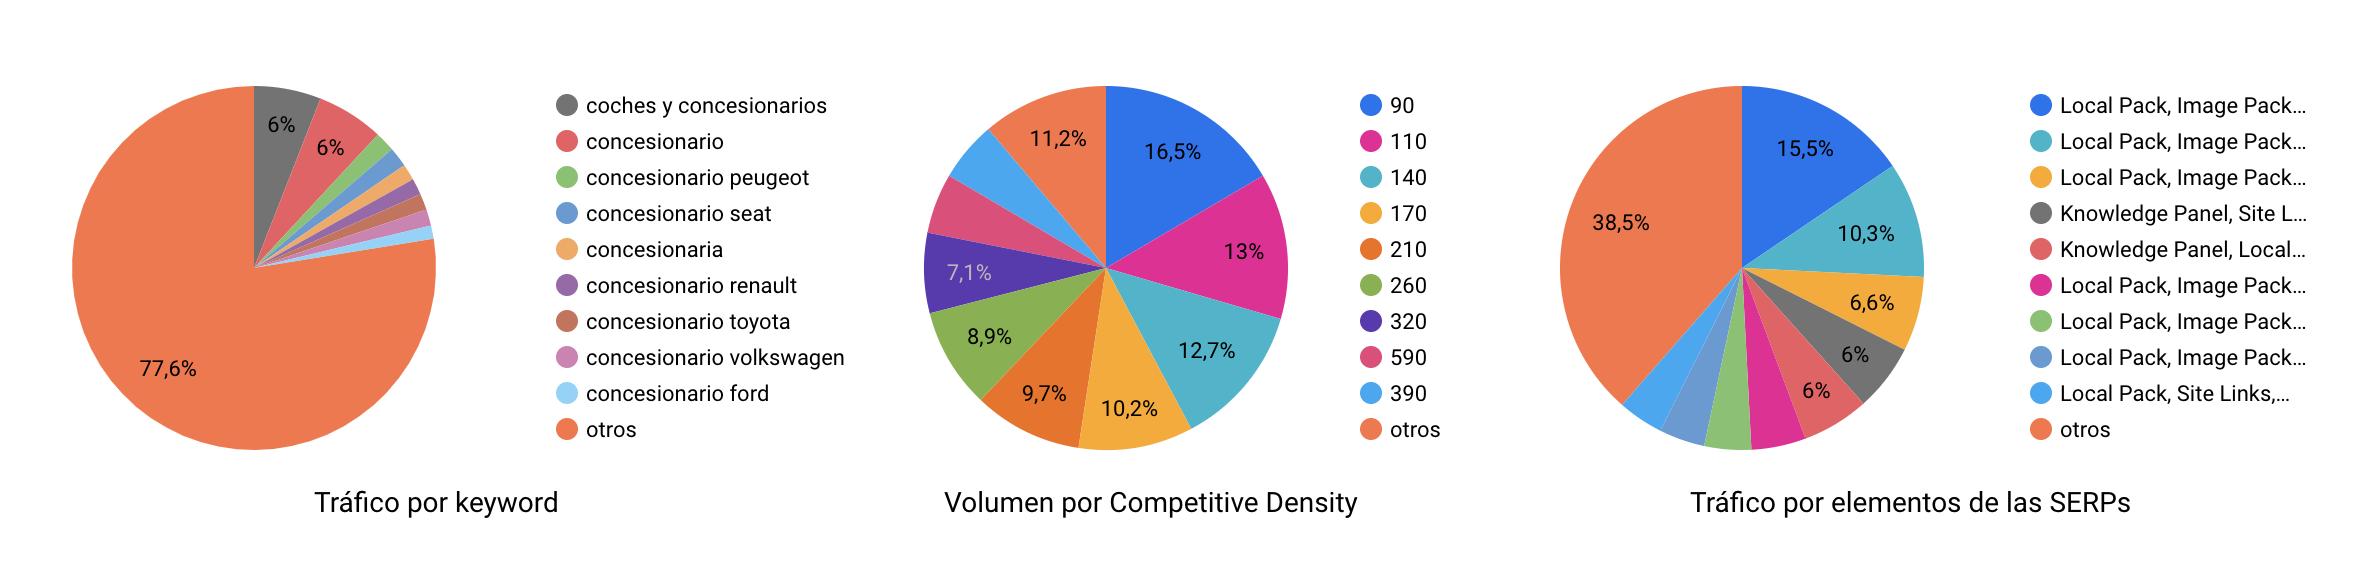 Datos sobre estrategias de SEO sobre concesionarios